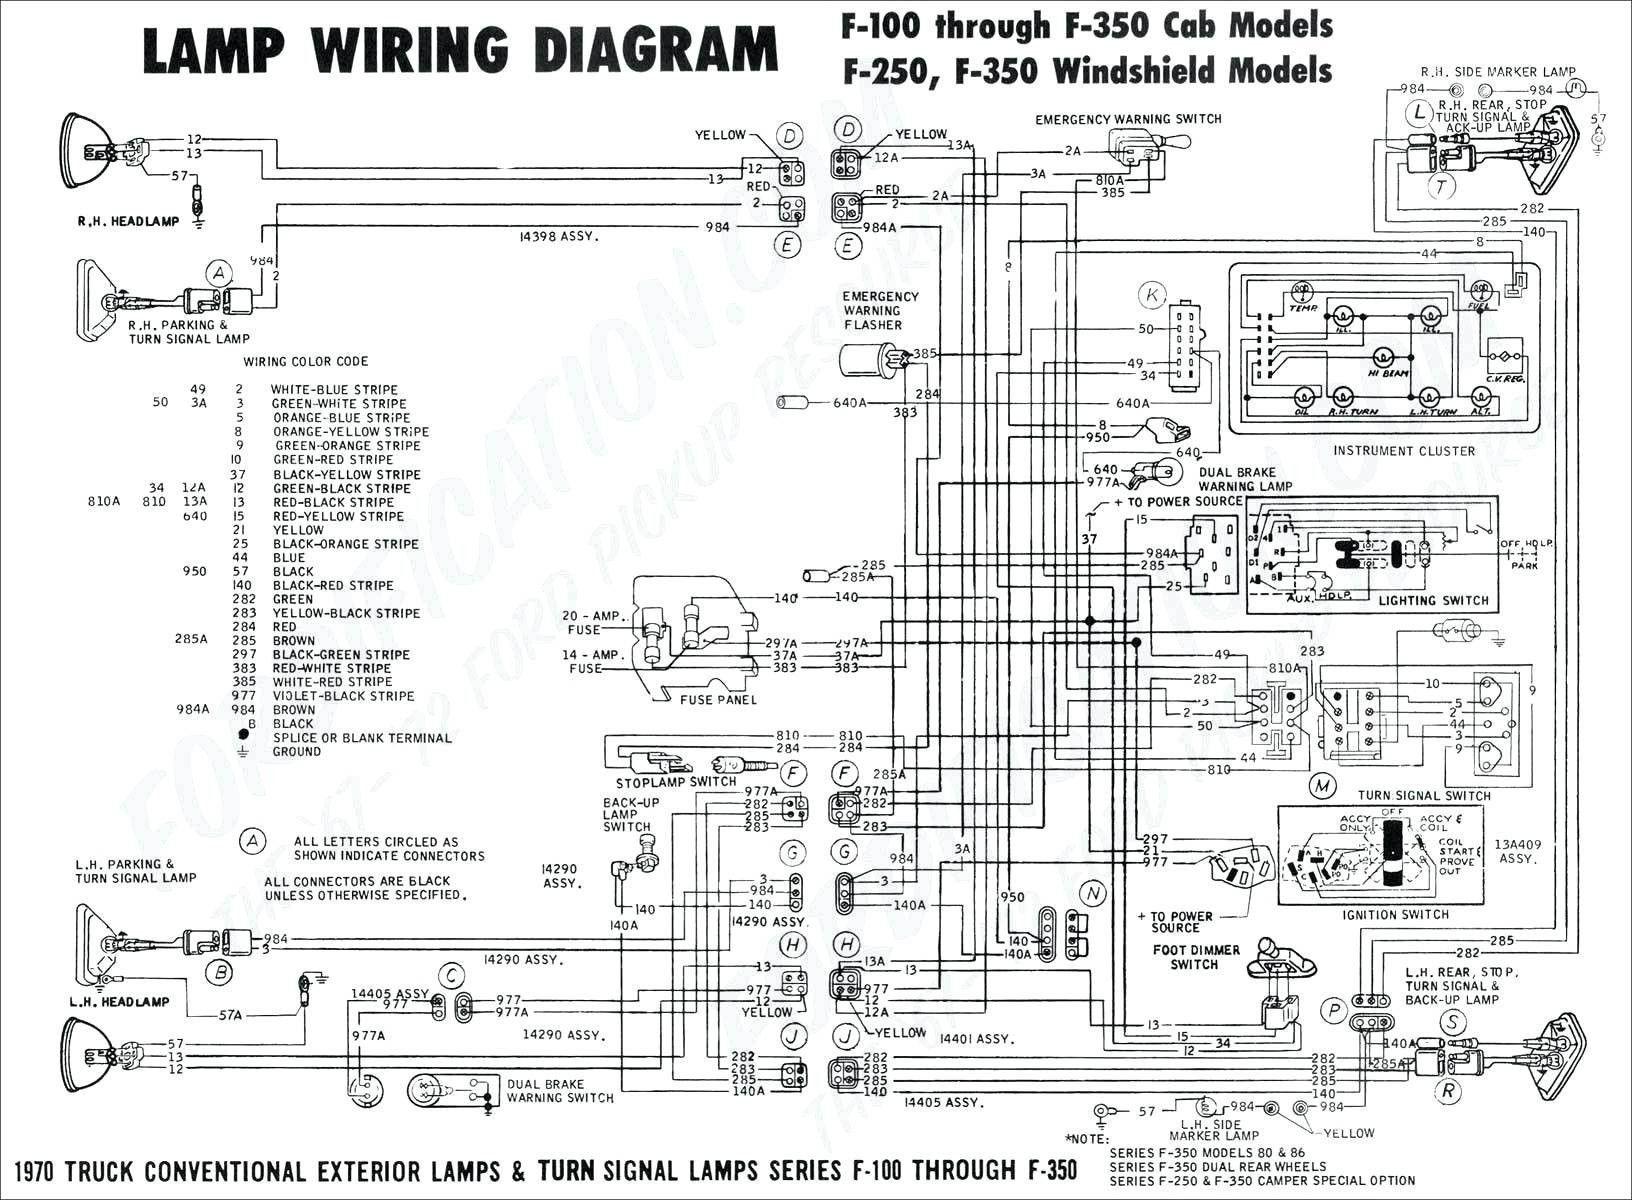 2000 Volkswagen Passat Engine Diagram In 2020 Electrical Wiring Diagram Trailer Wiring Diagram Diagram